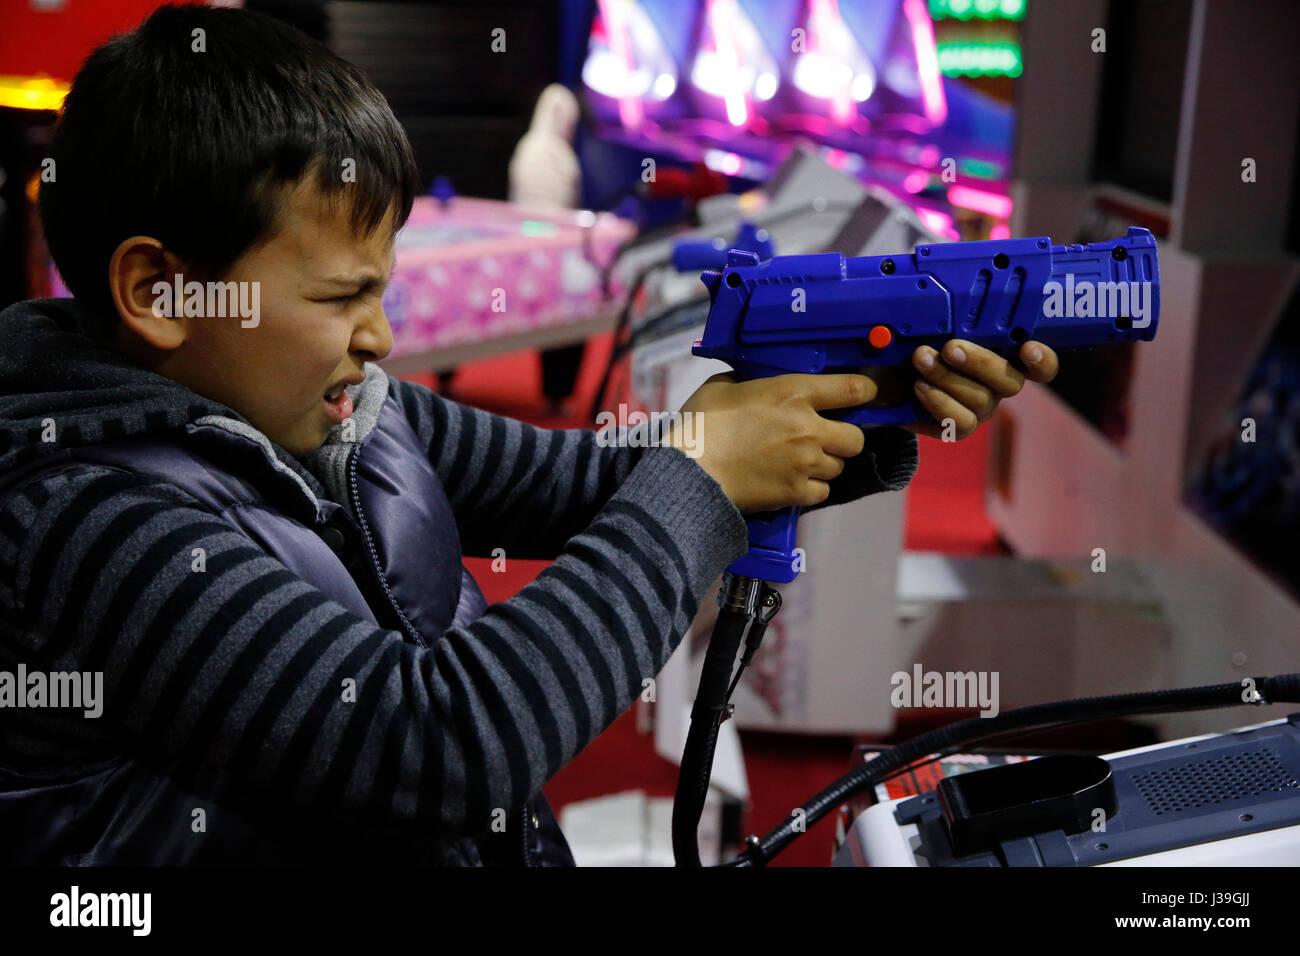 Garçon de 10 ans dans une salle de jeux. - Stock Image